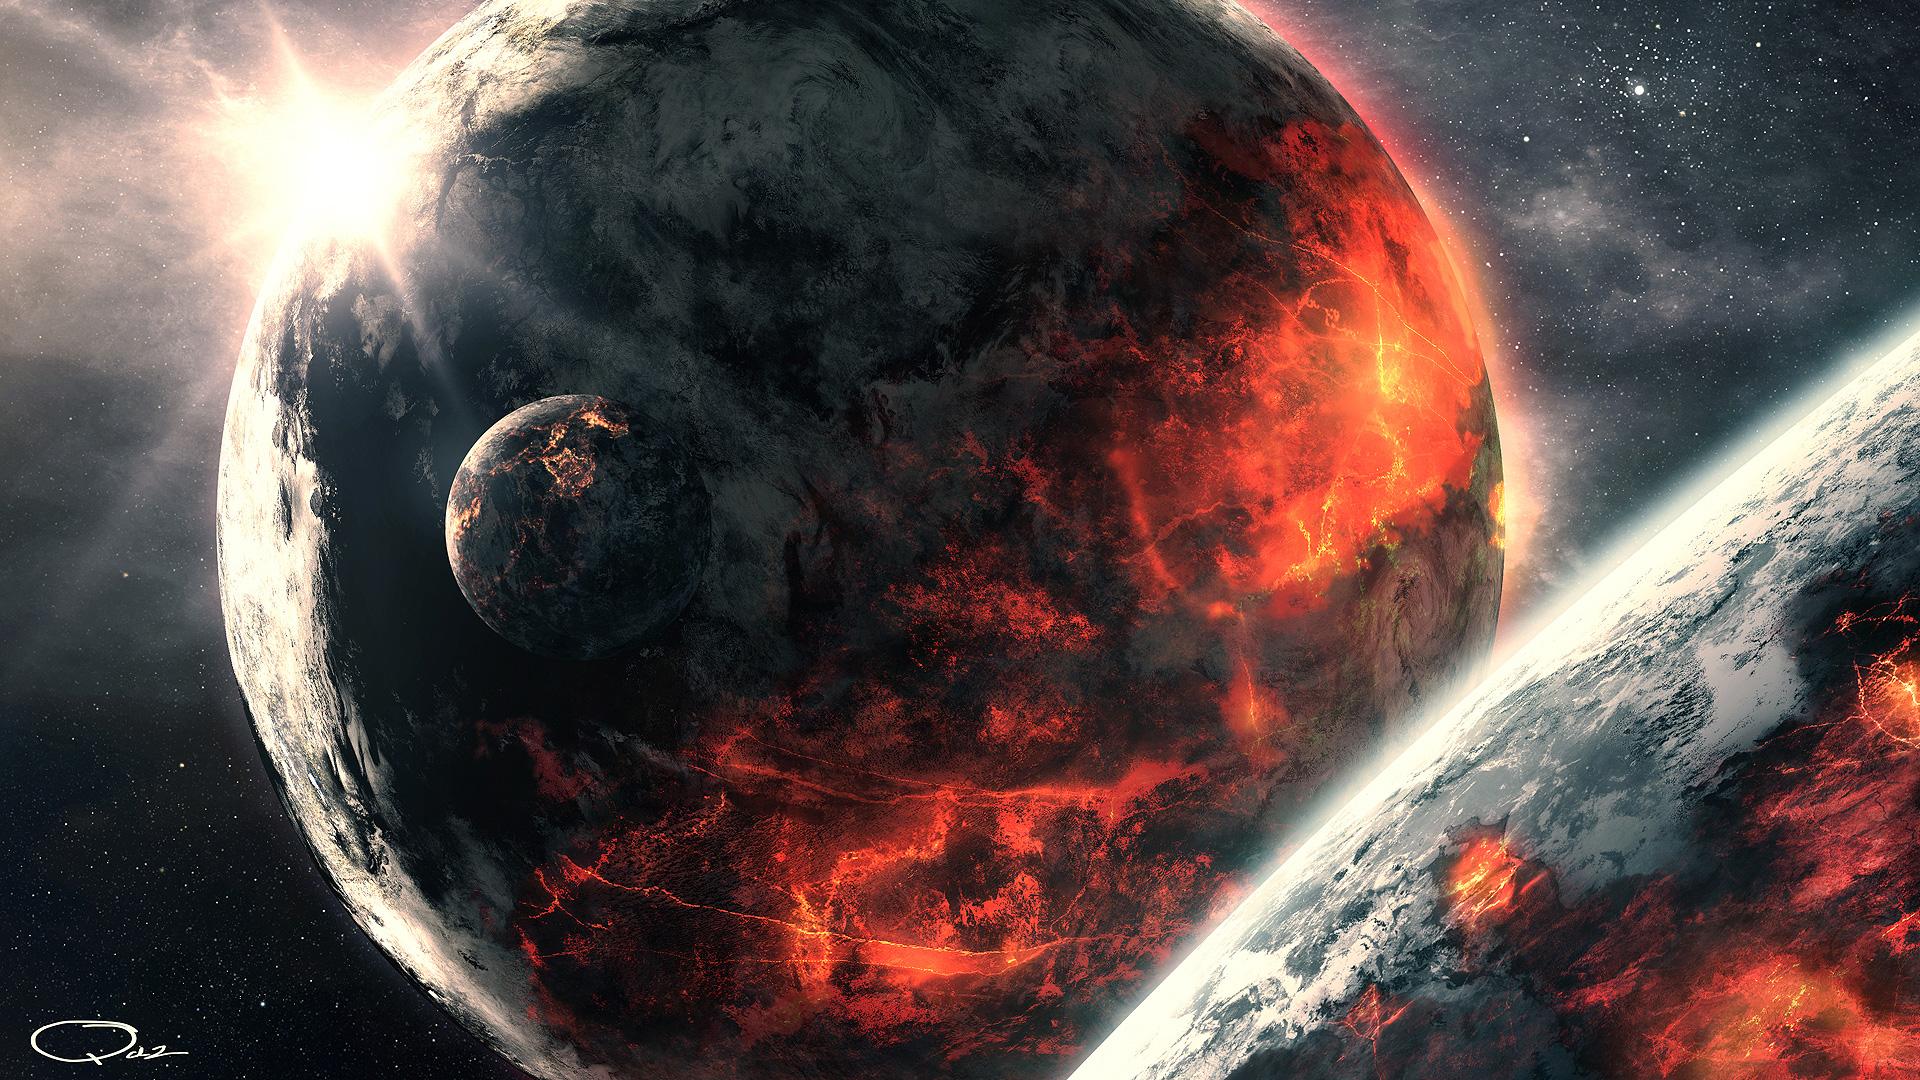 space planet desktop volcanic wallpaper 1920x1080